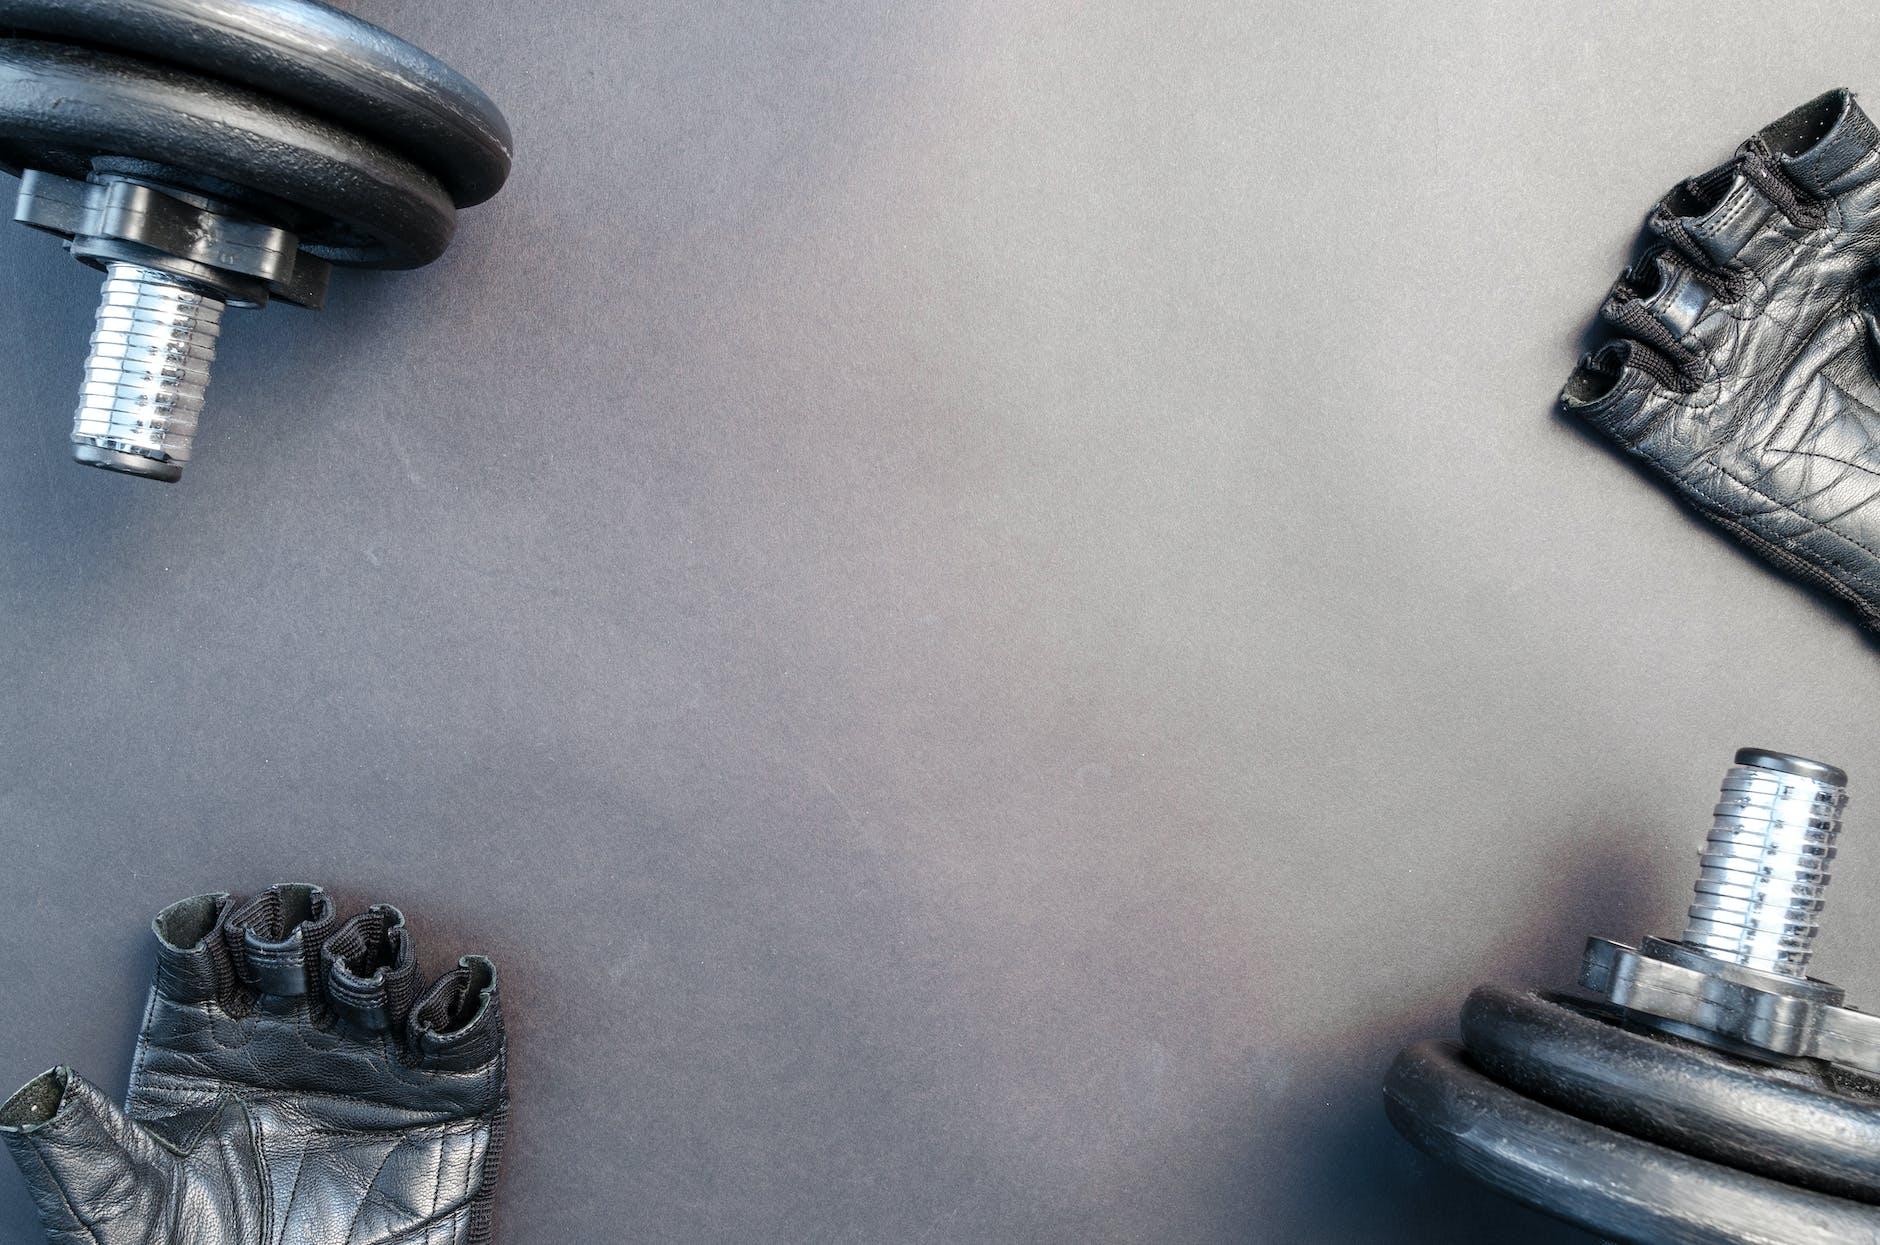 Black workout gloves and the best adjustable dumbbells